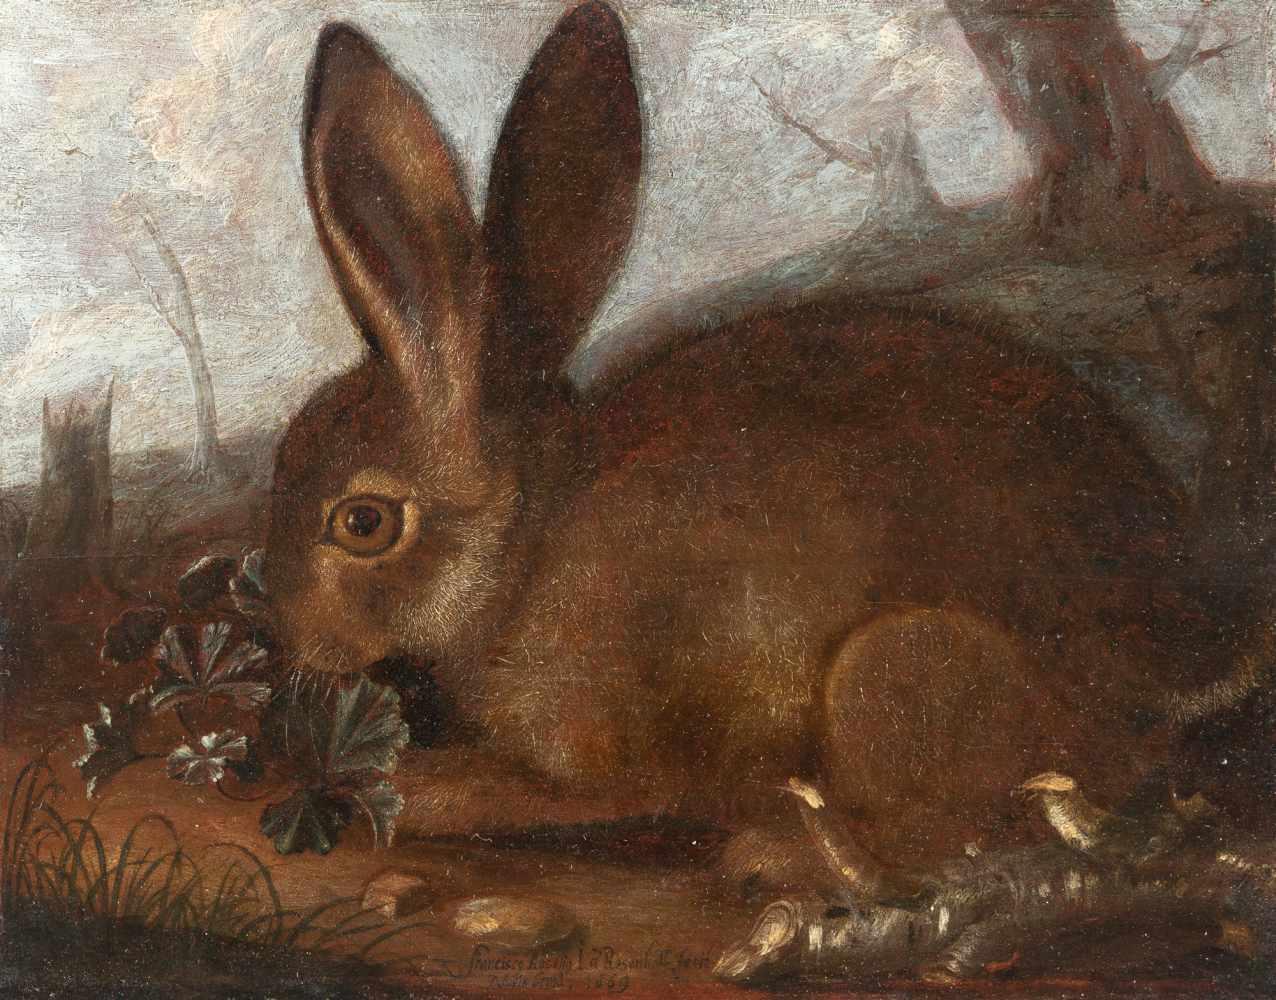 Franz Rösel Von Rosenhof1626 Vienna - Nuremberg 1700Kleiner Hase, an einem Klee knabberndÖl auf